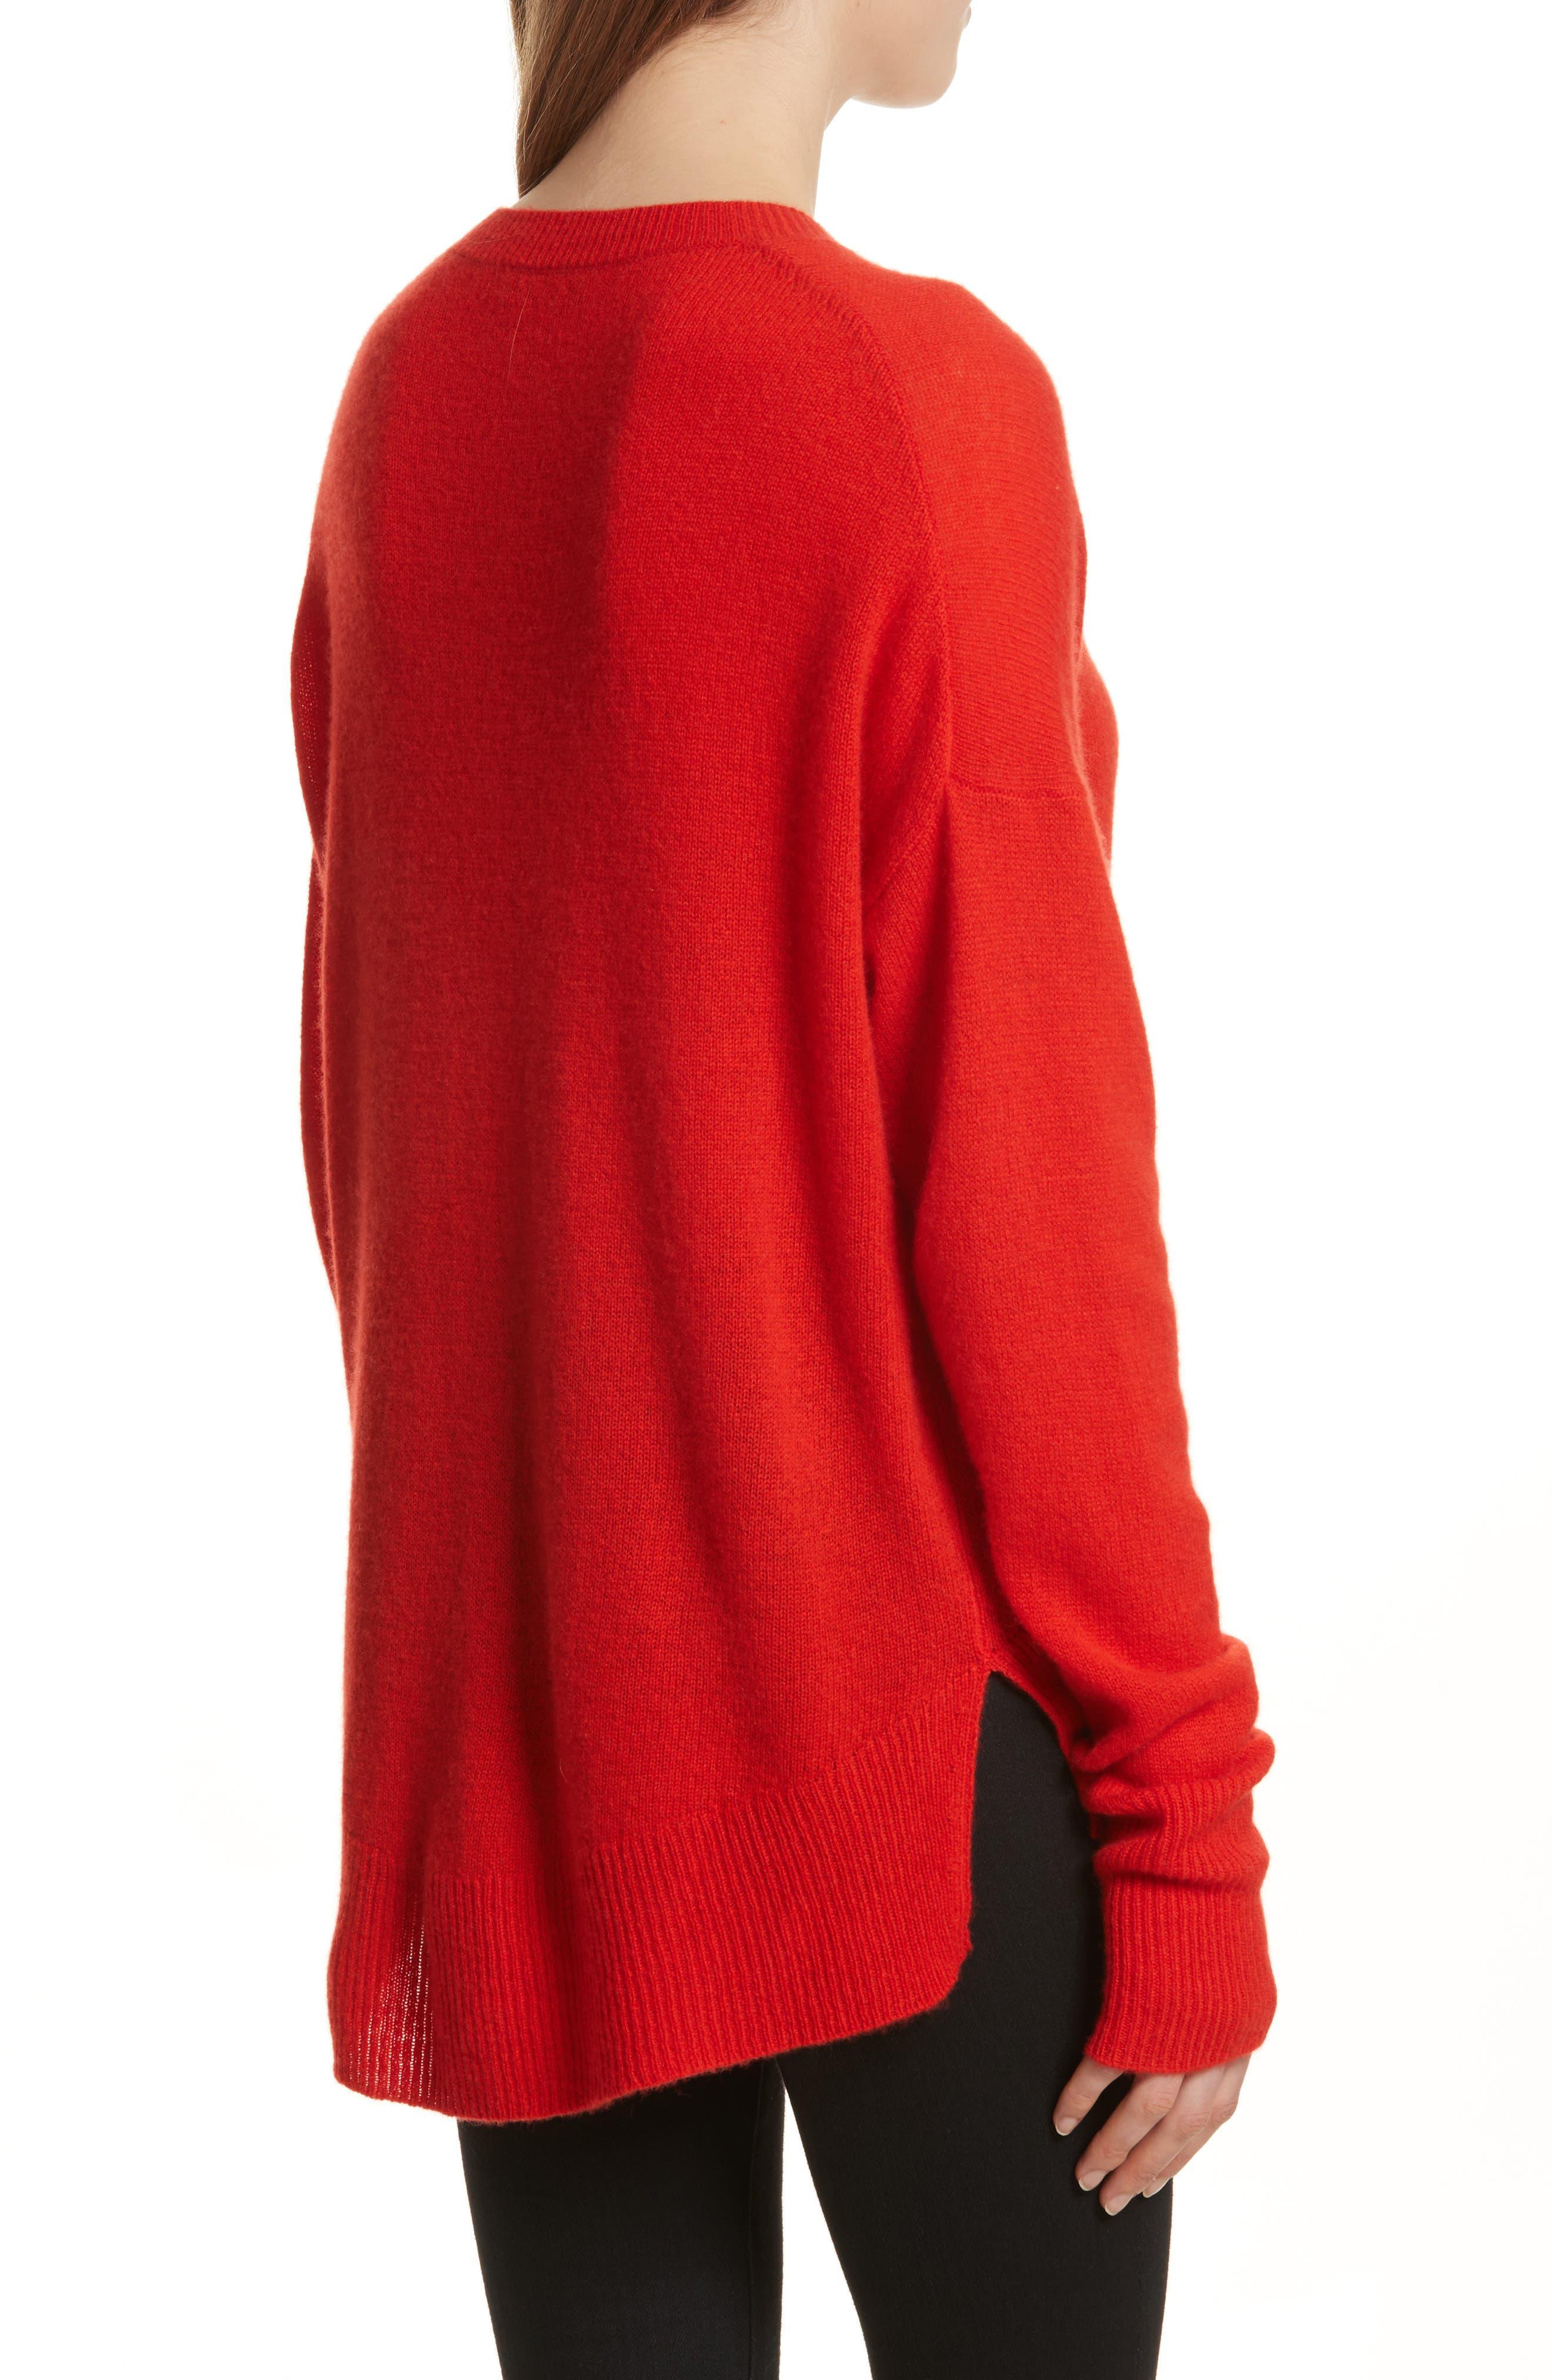 Karenia L Cashmere Sweater,                             Alternate thumbnail 8, color,